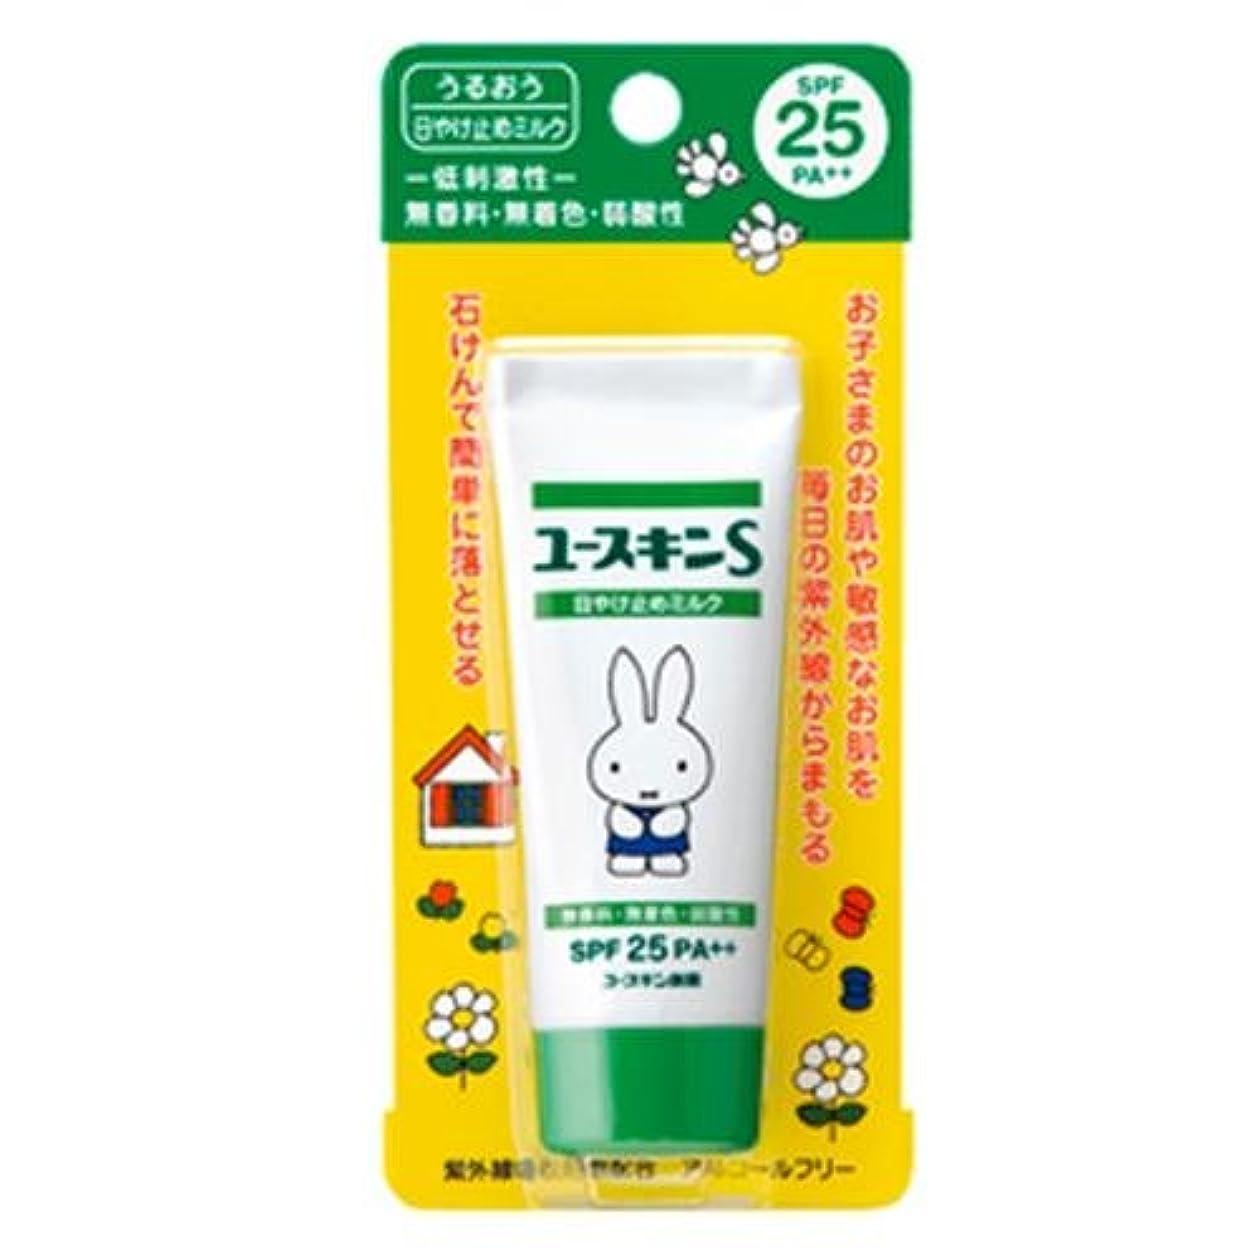 くヶ月目必要としているユースキンS UVミルク SPF25 PA++ 40g (敏感肌用 日焼け止め)